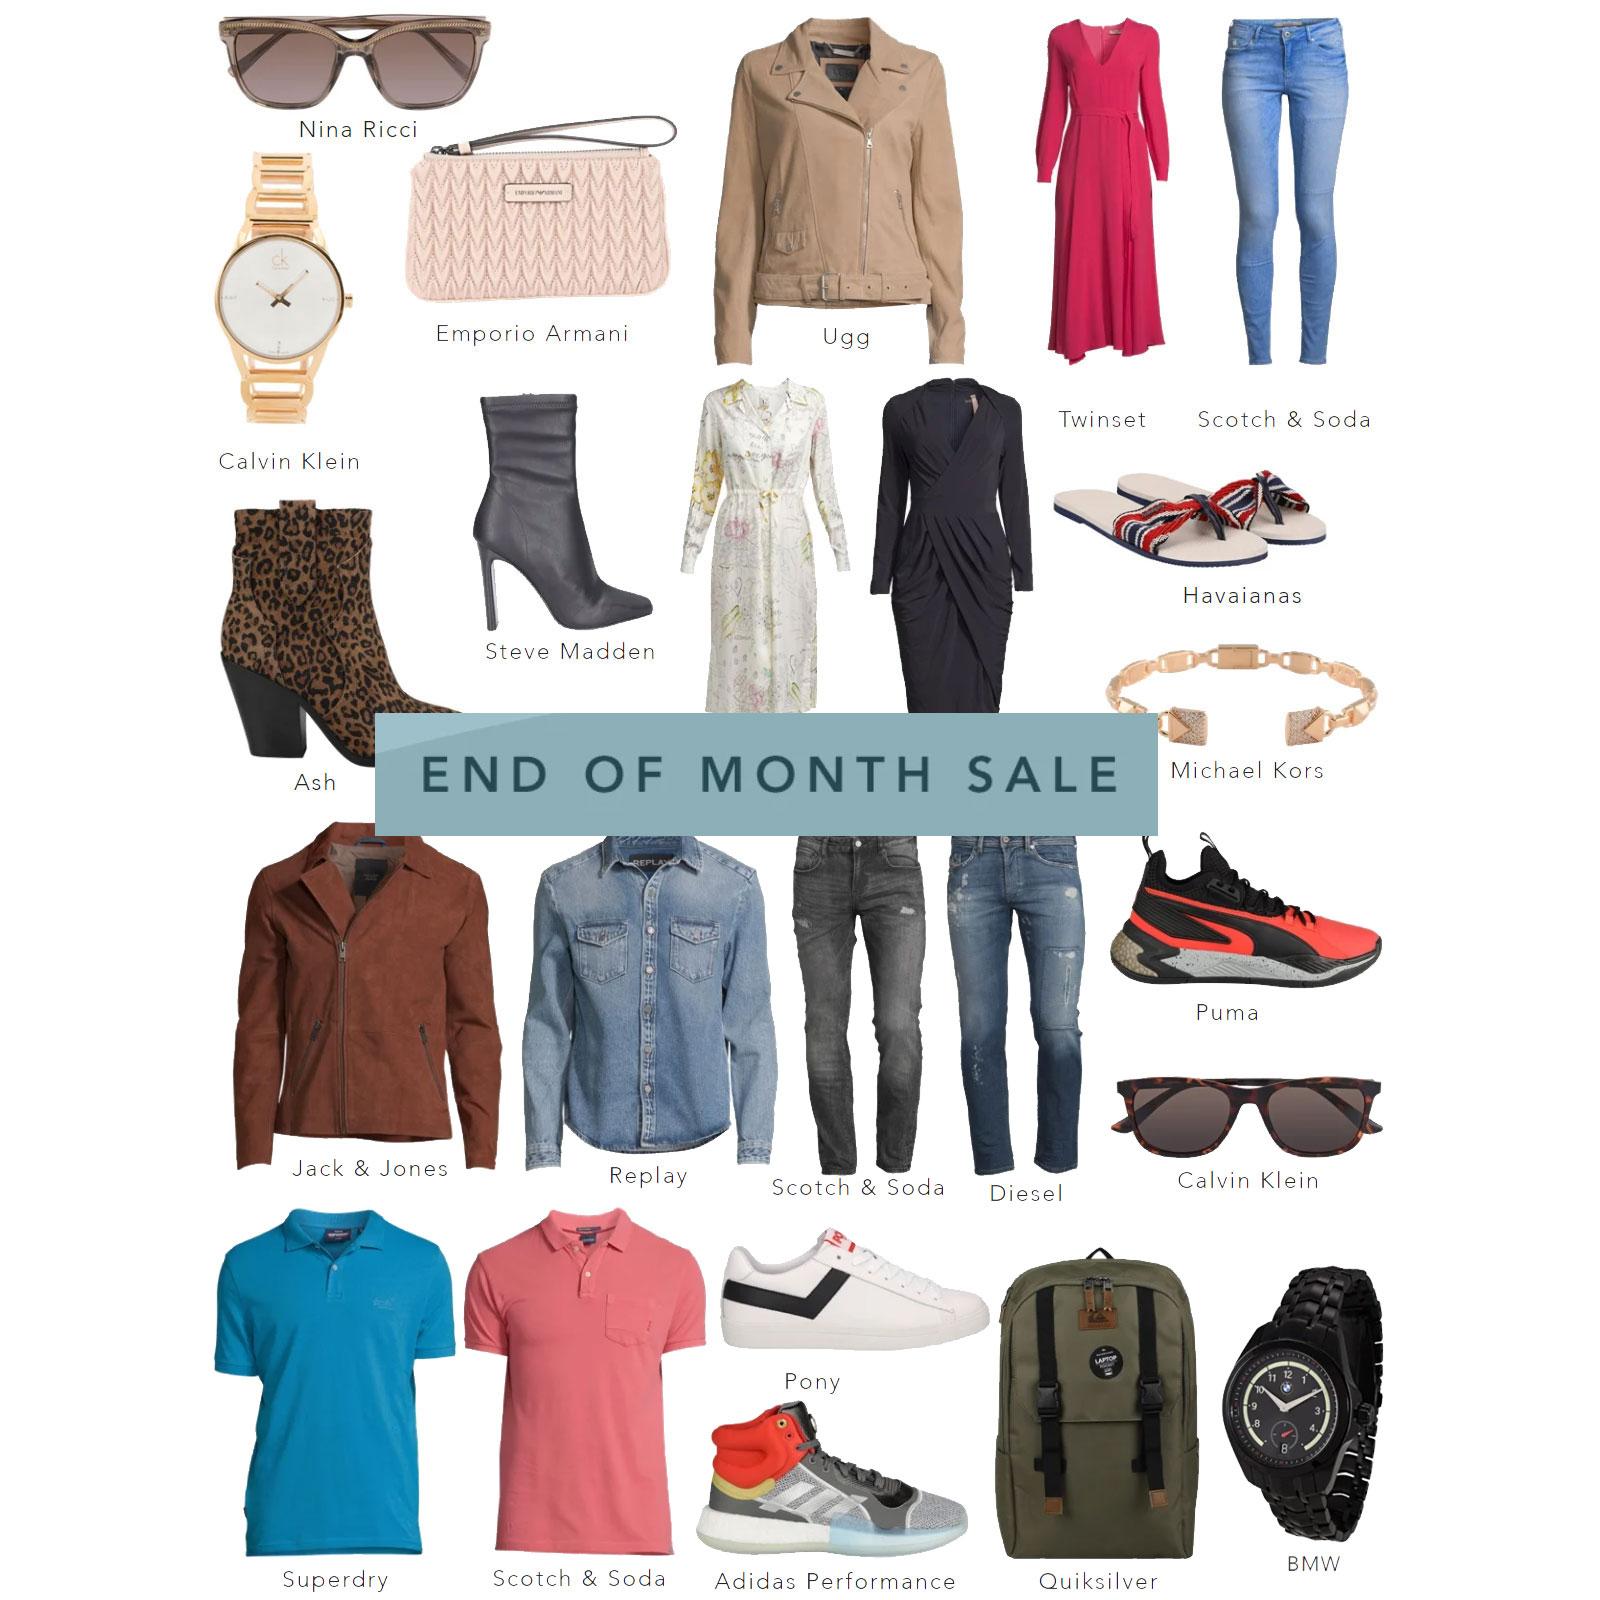 End of Month SALE - tot 86% korting op merkkleding + gratis verzending t.w.v. €5,90